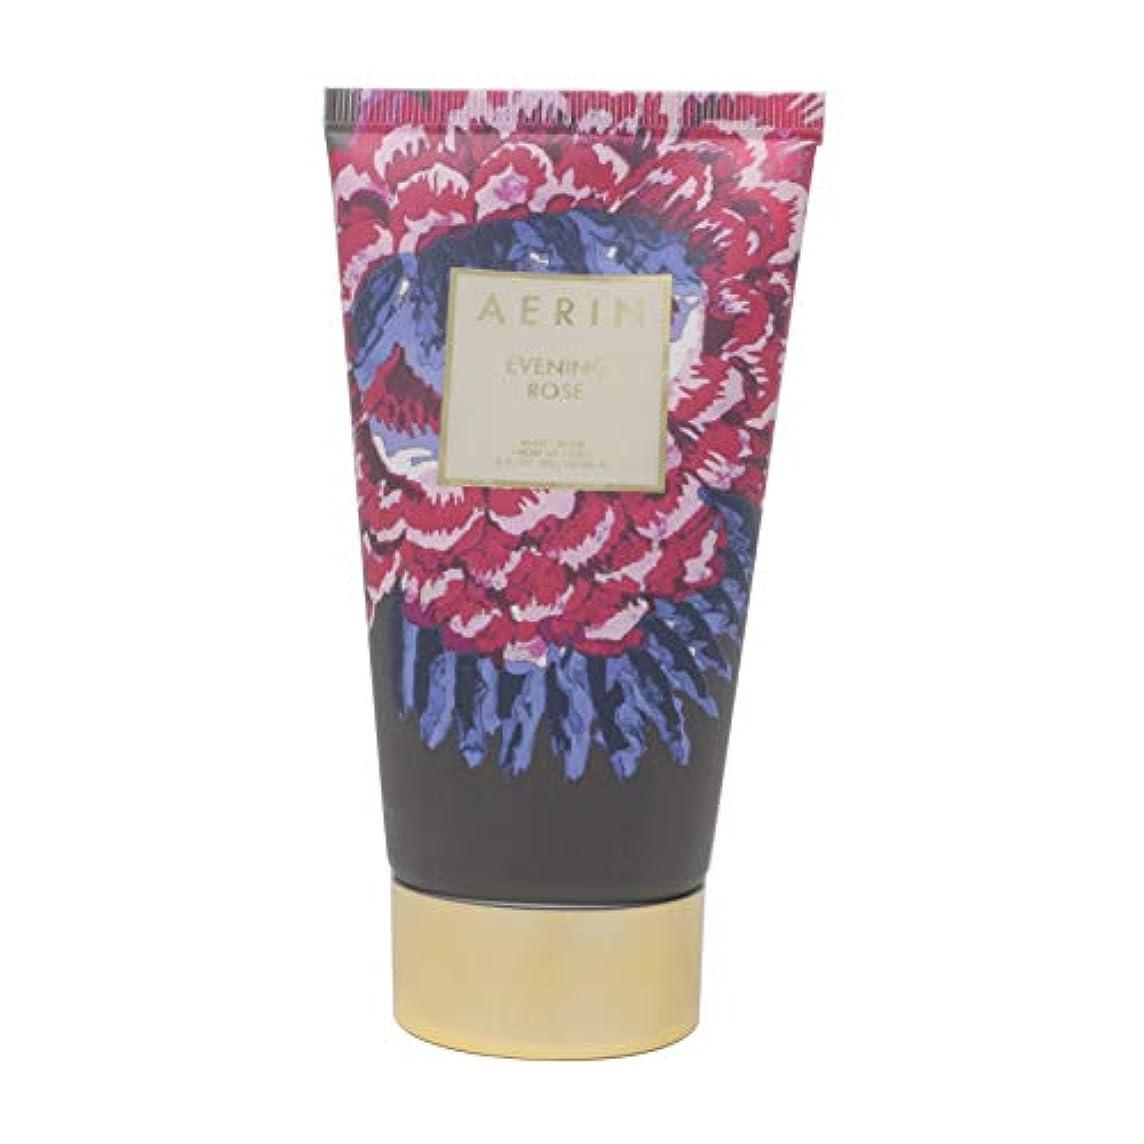 整理する教養がある火星AERIN 'Evening Rose' (アエリン イブニング ローズ) 5.0 oz (150ml) Body Cream ボディークリーム by Estee Lauder for Women